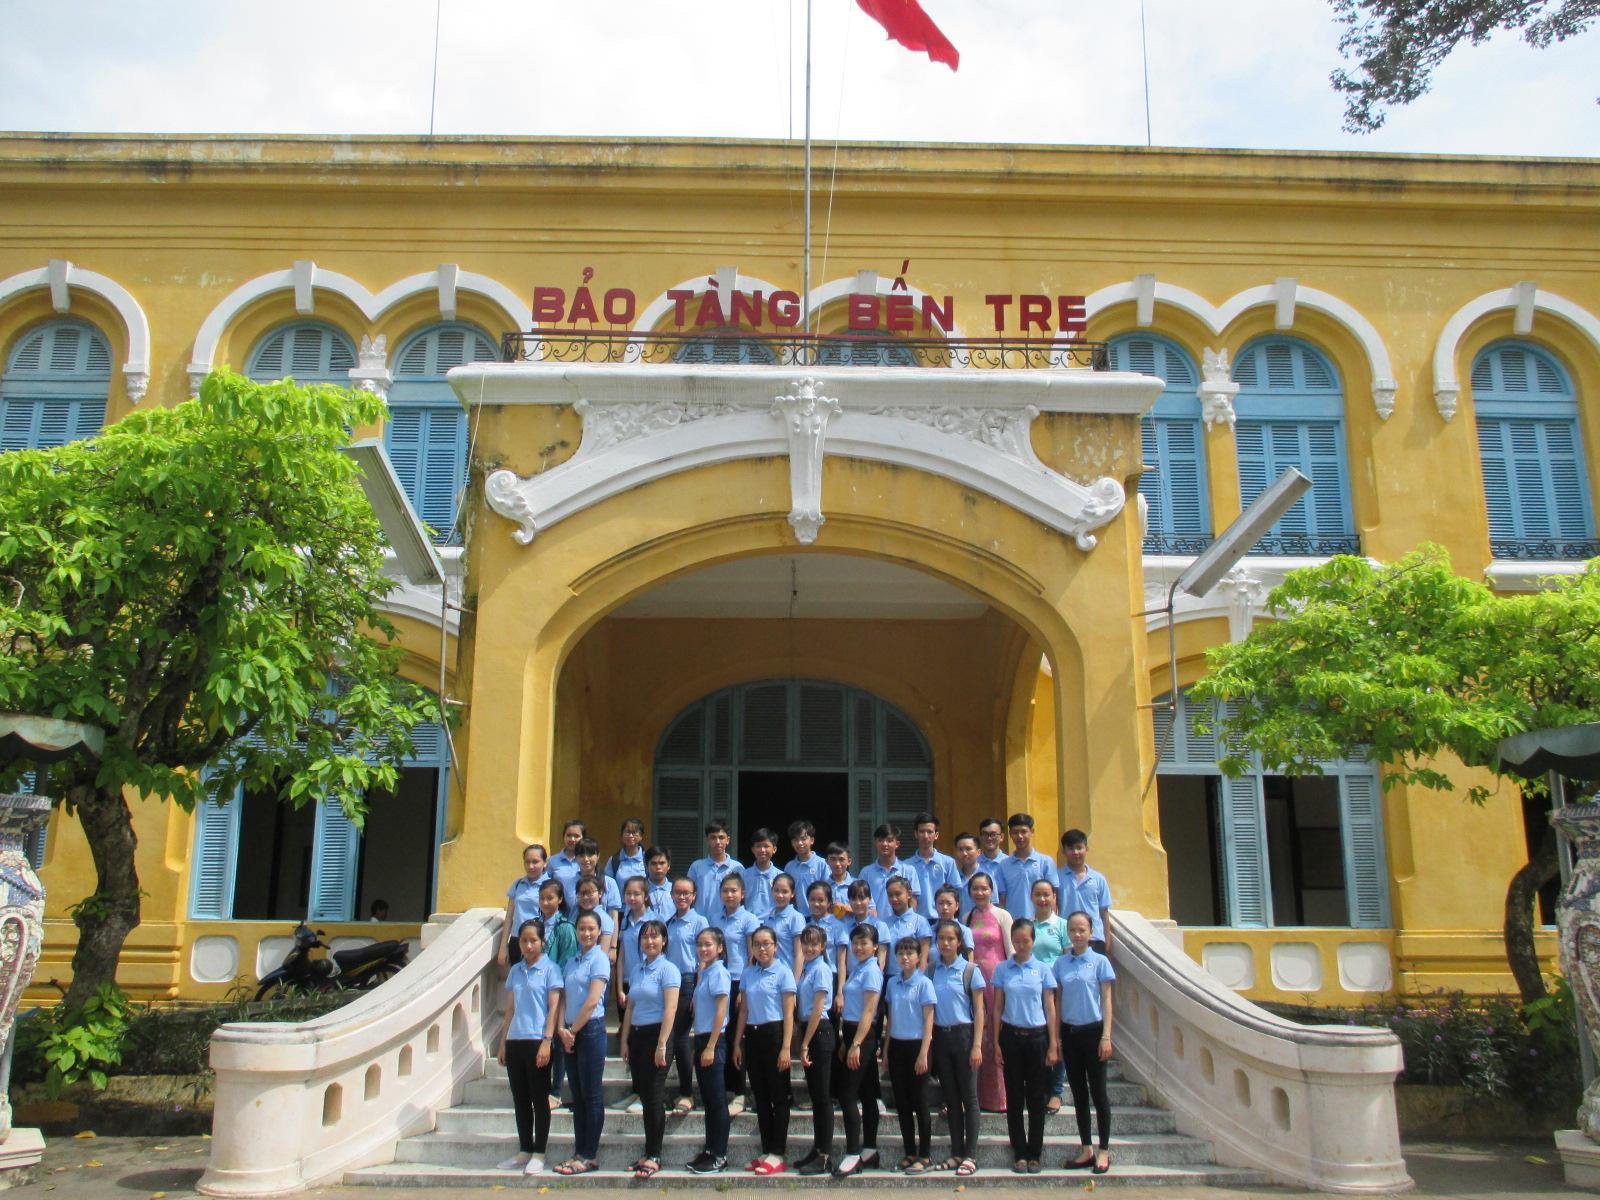 Toàn thể tân sinh viên học ở Phân hiệu ĐHQG-HCM tại tỉnh Bến Tre đã có chuyến đi thực tế, tham quan, học hỏi tại Bảo tàng tỉnh Bến Tre